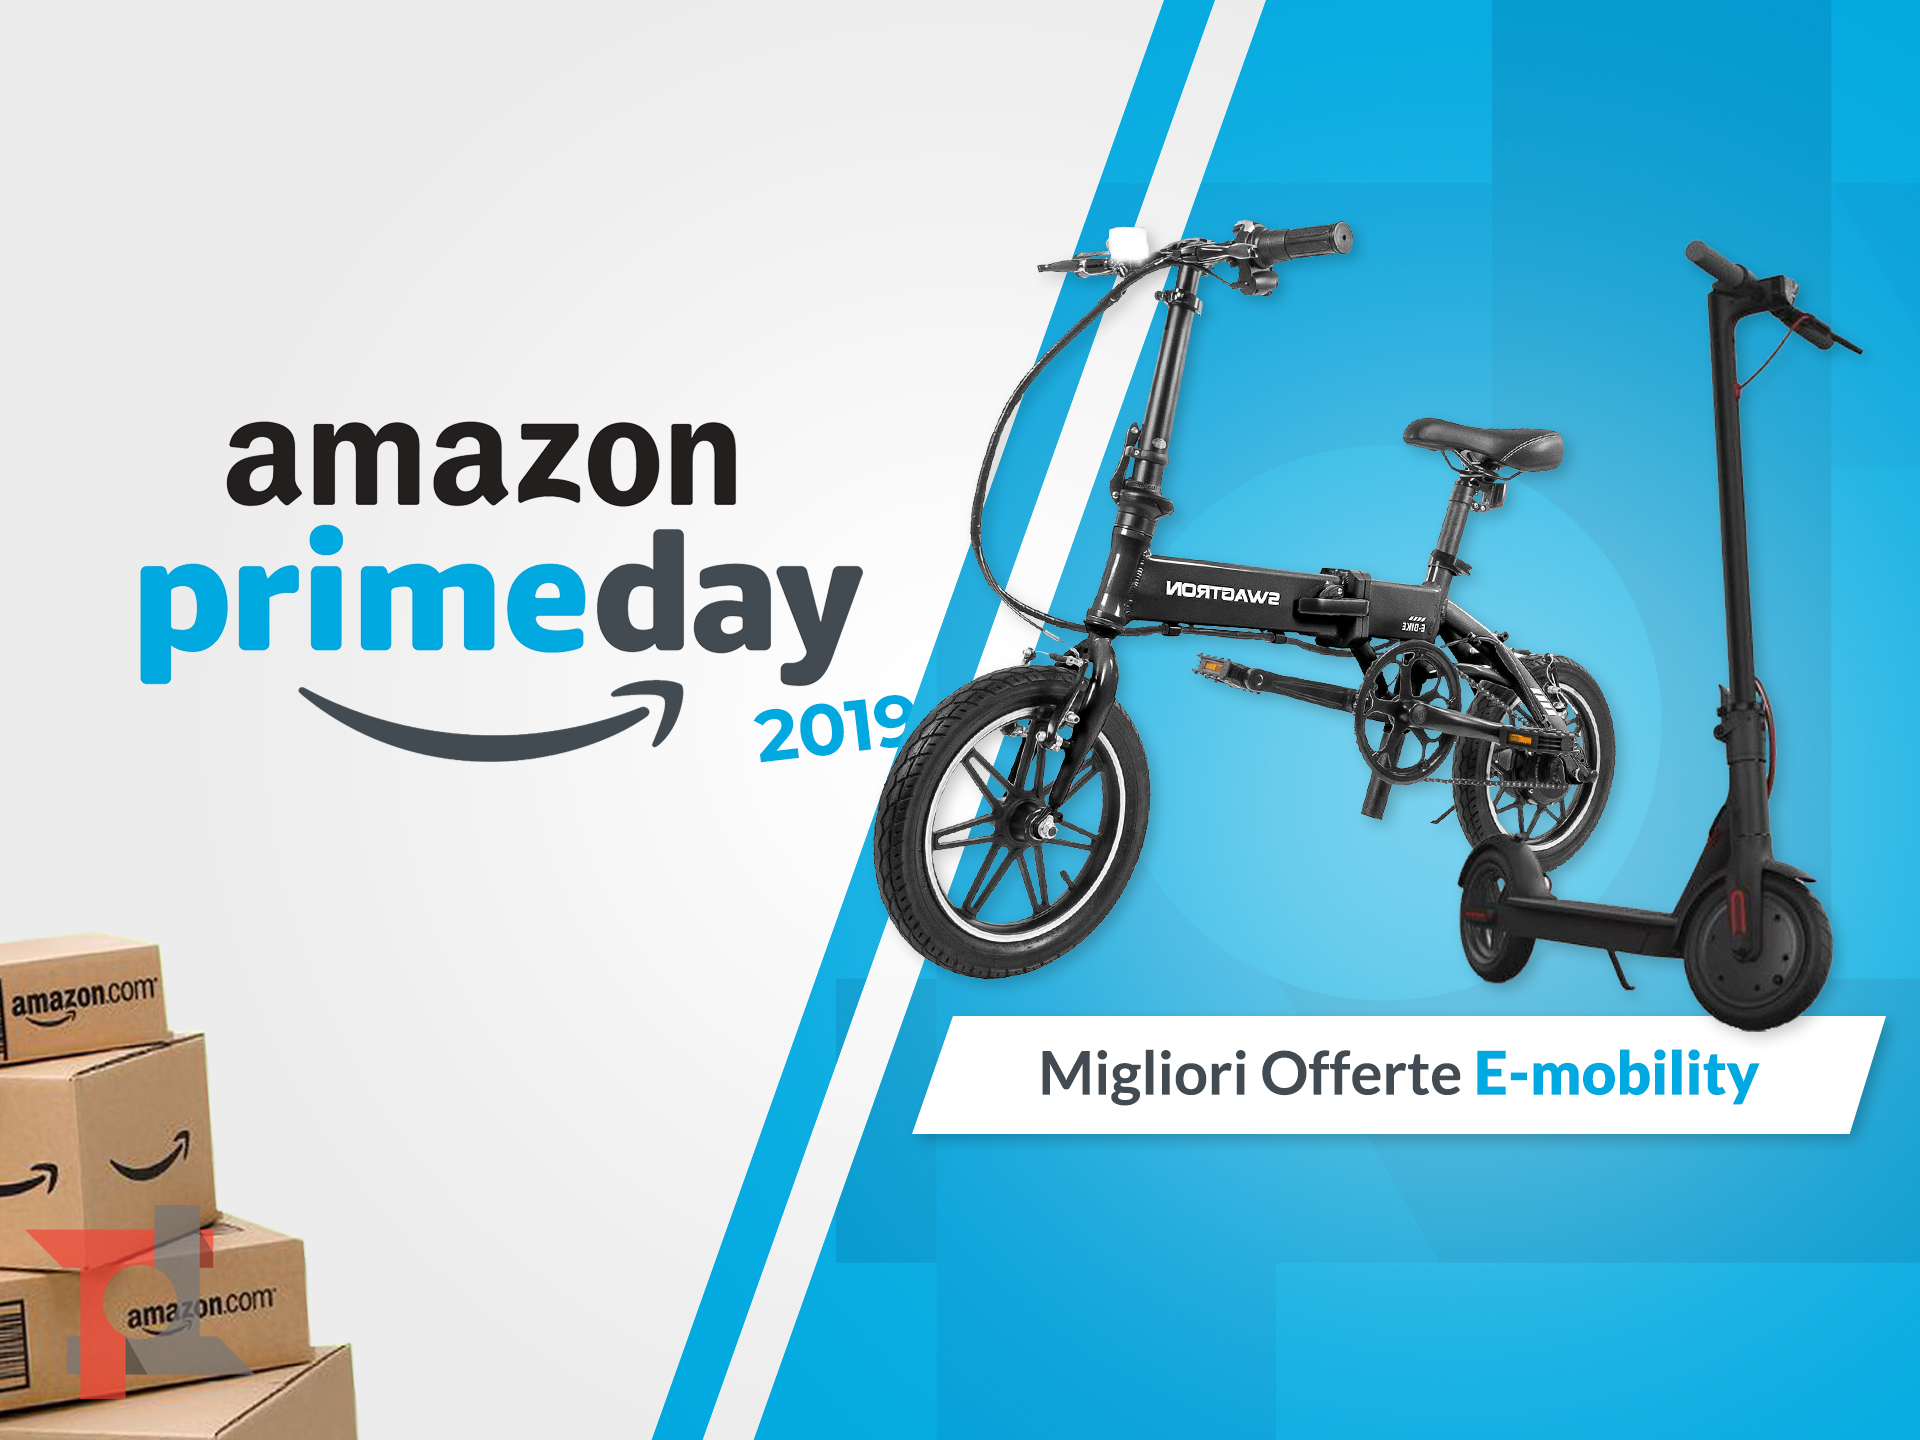 Monopattini Elettrici E Biciclette Amazon Prime Day Le Migliori